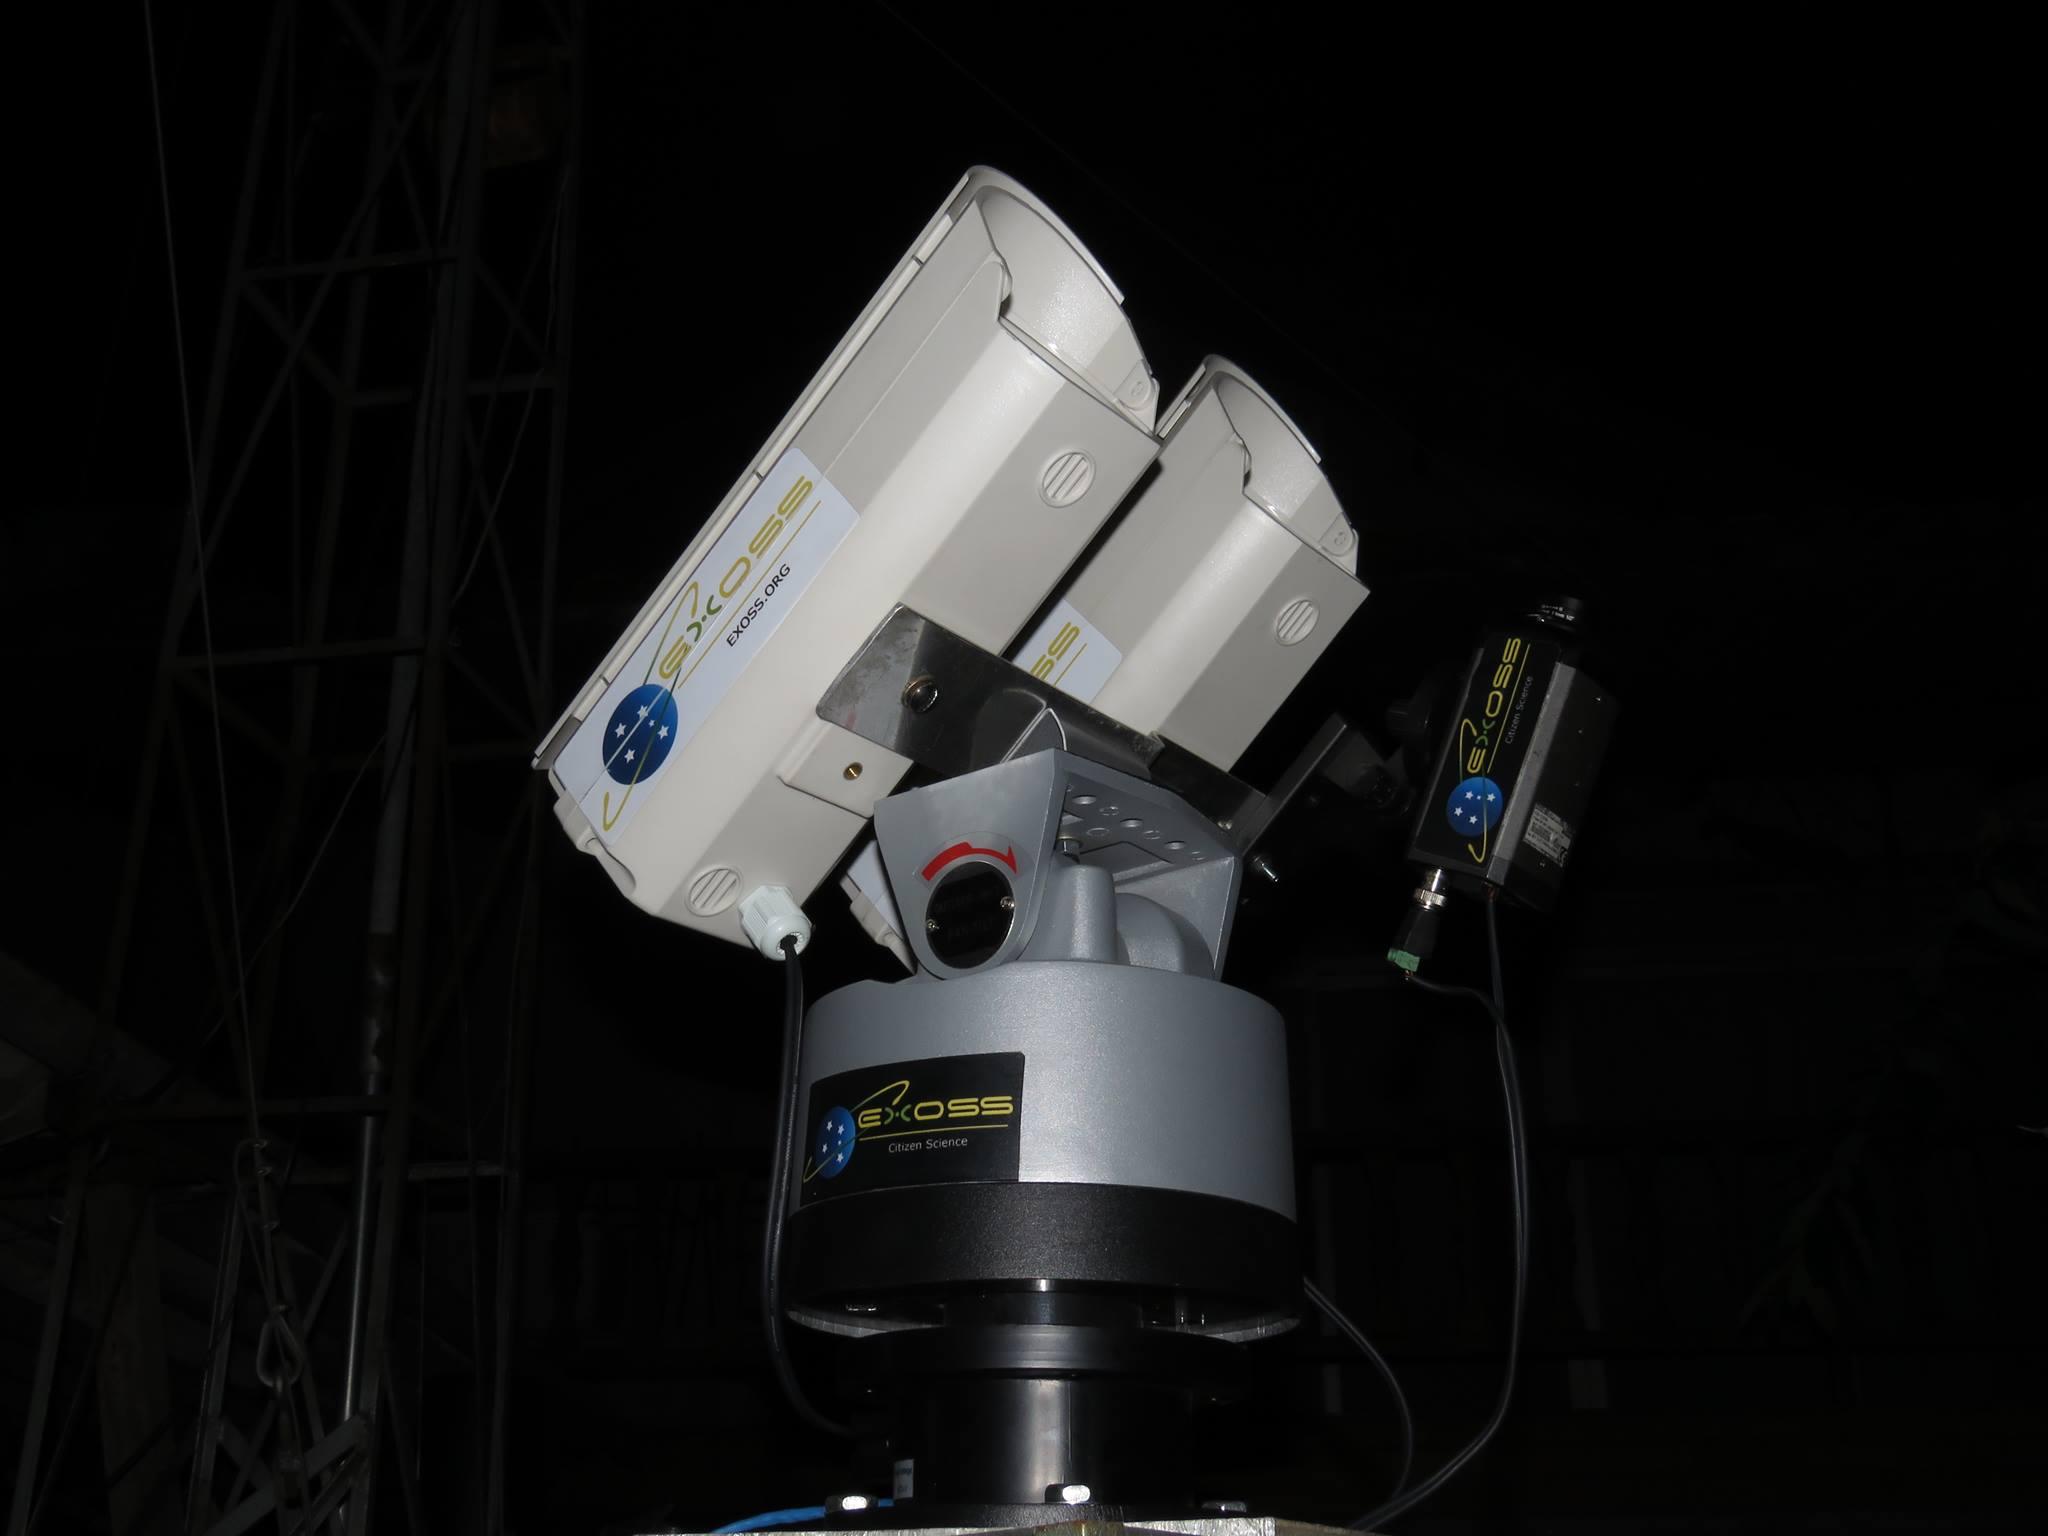 estação monitoramento de meteoros exoss